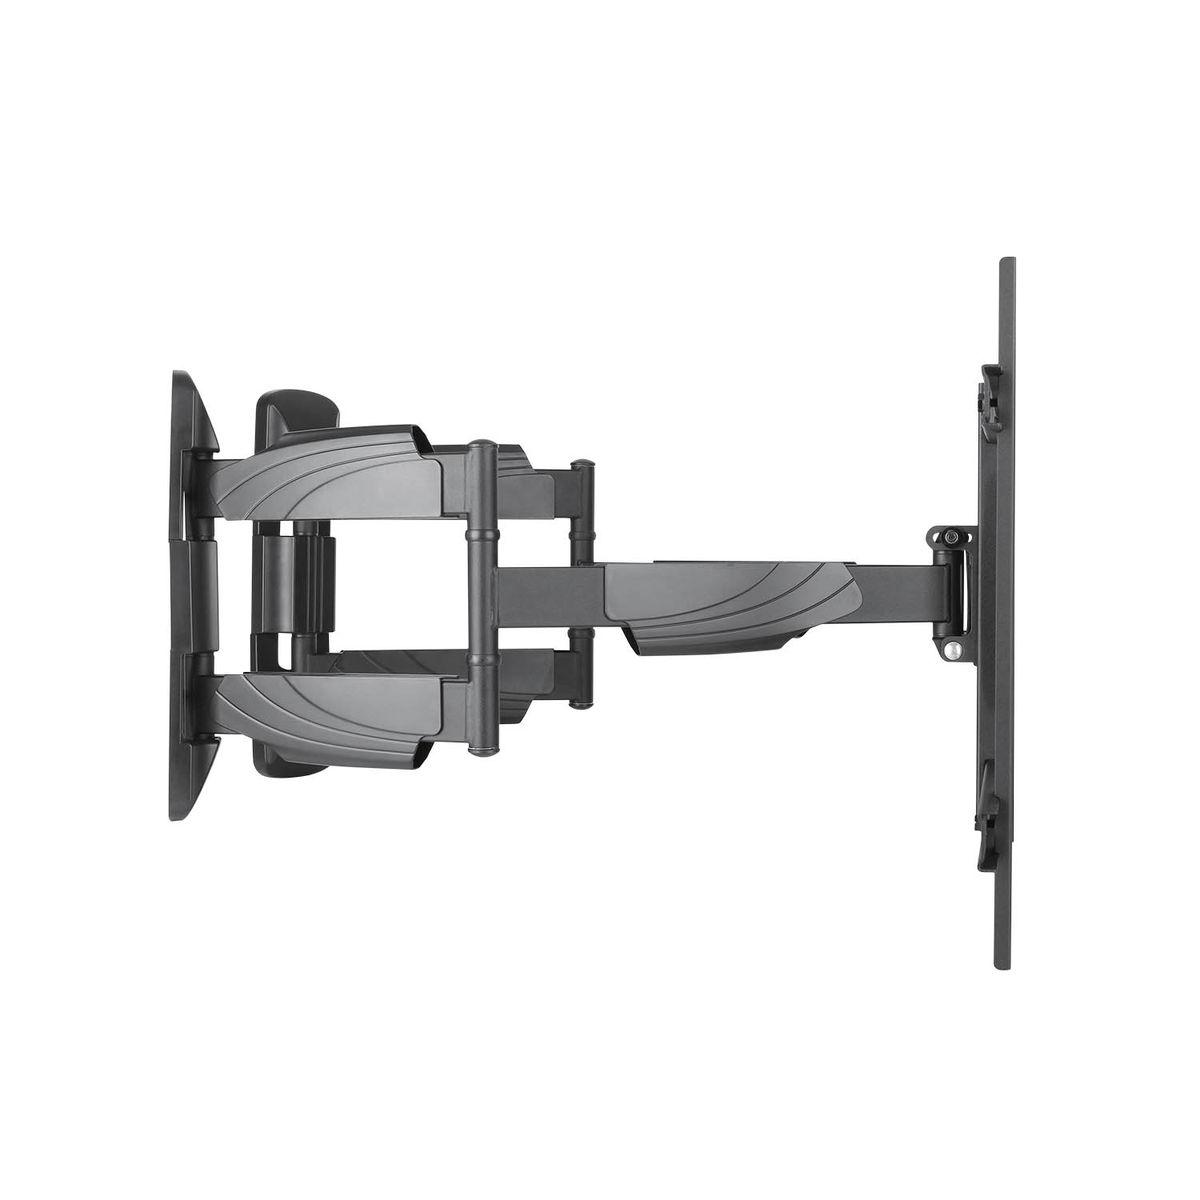 support mural d angle reglable pour ecran tv 37 75